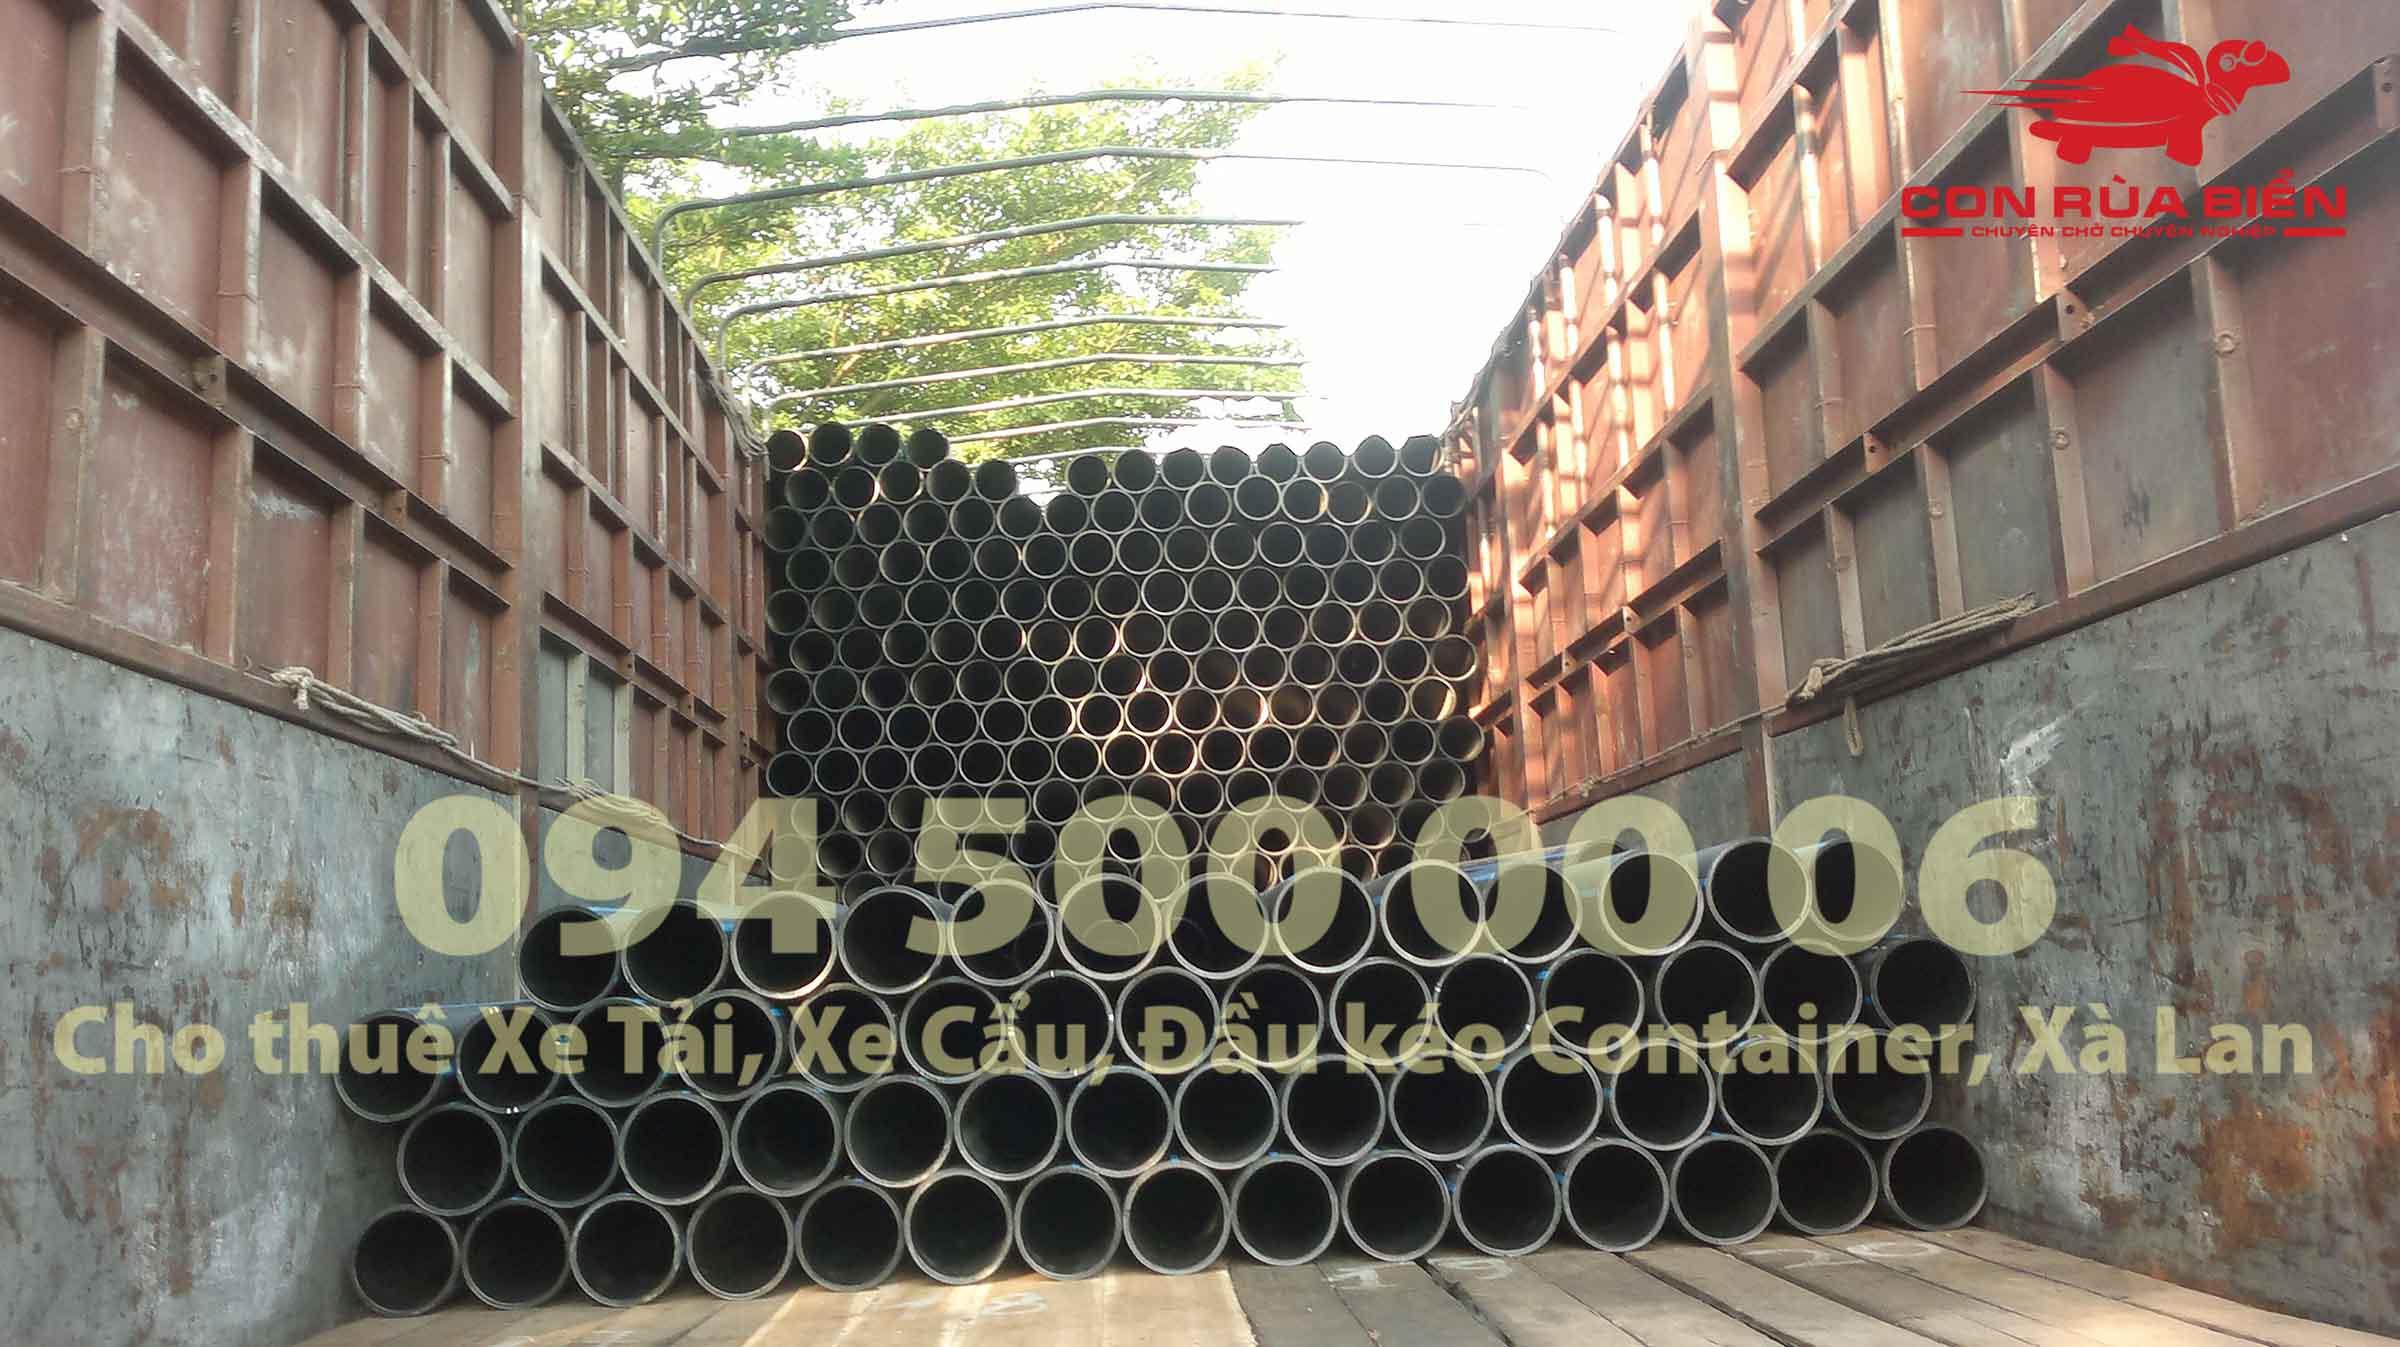 (Ảnh: Dự án Vận chuyển Ống Nhựa - CON RÙA BIỂN - Chành xe Phú Quốc)